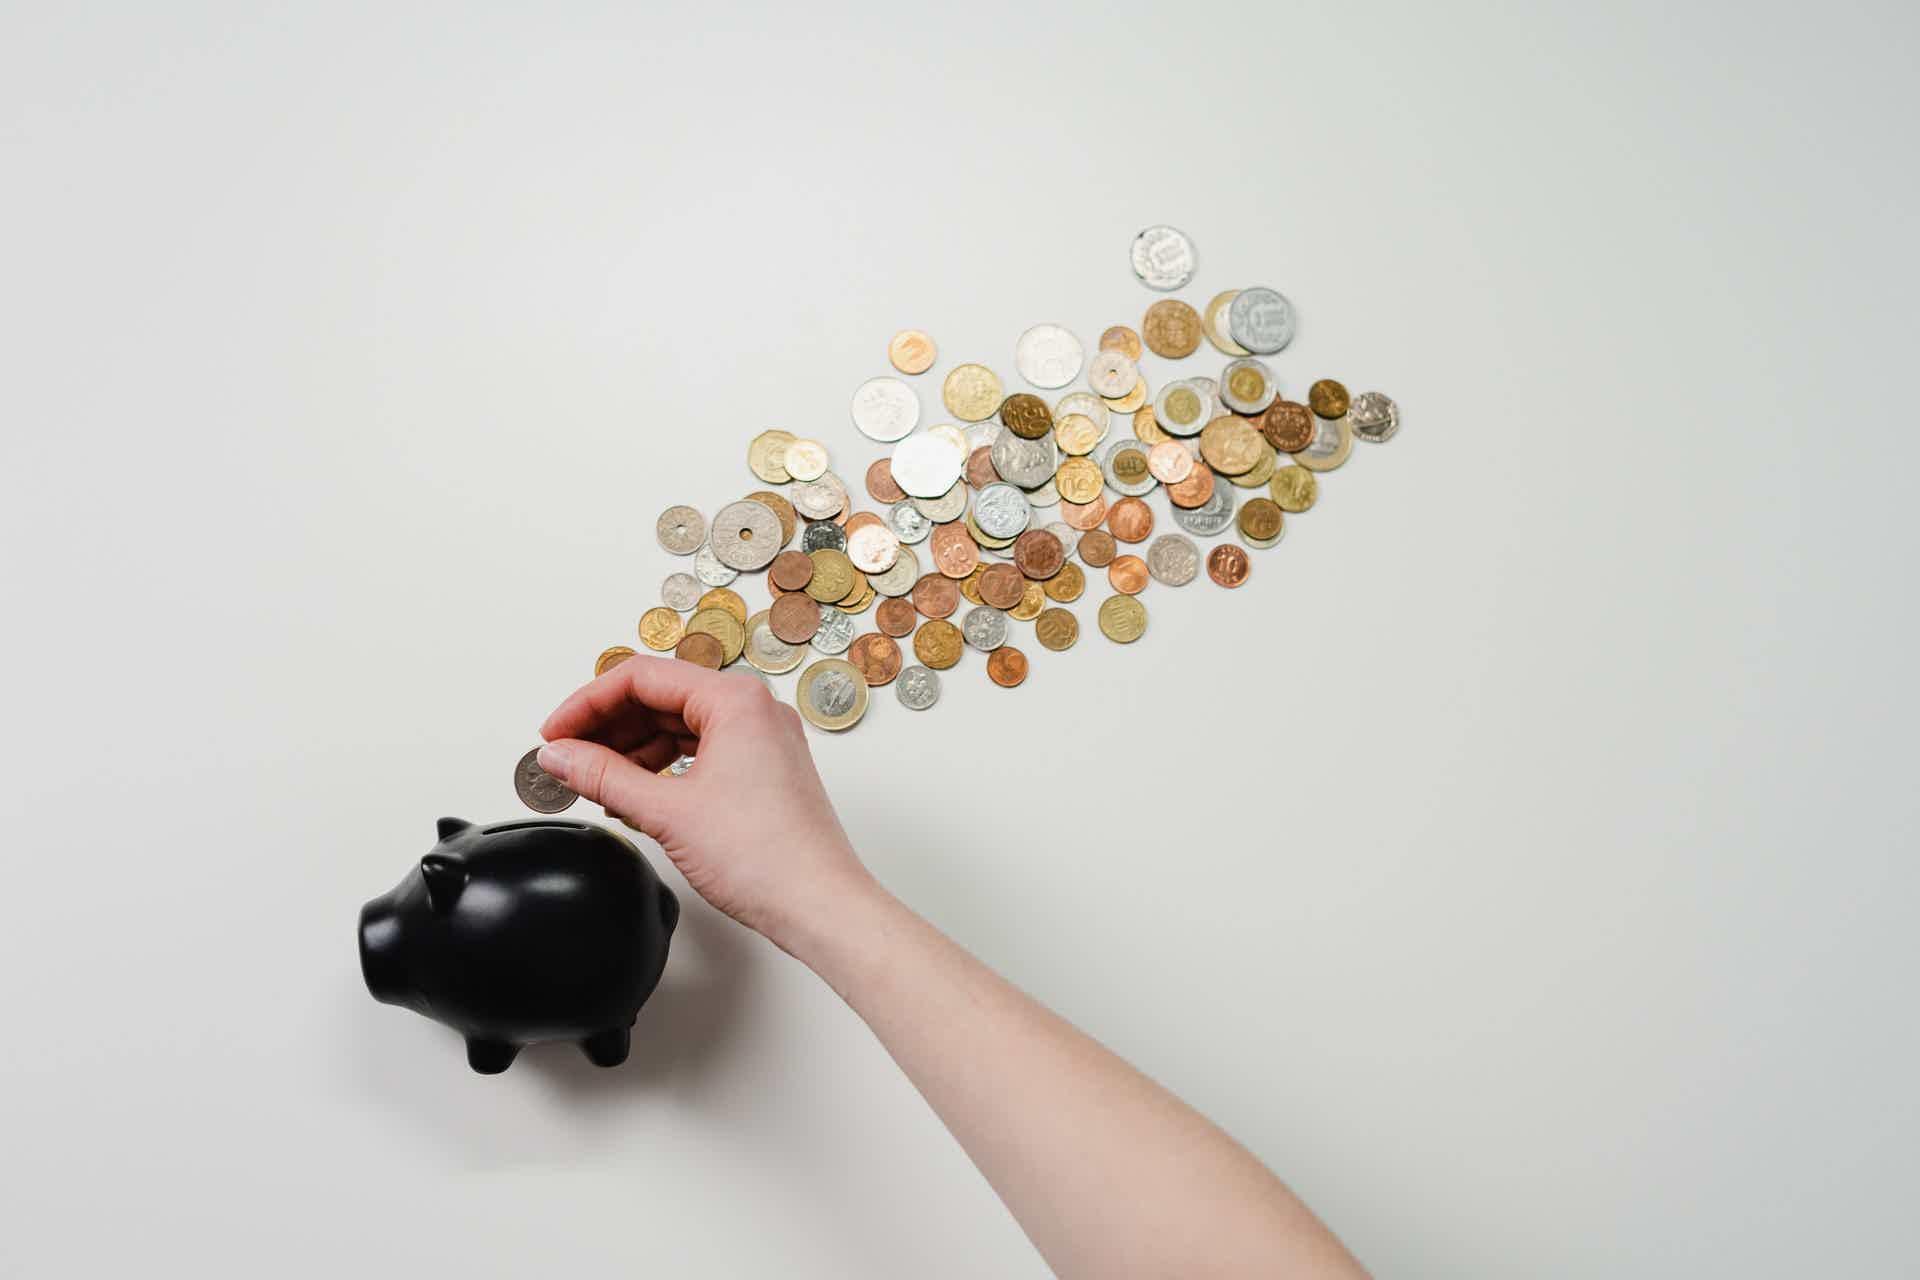 começar a guardar dinheiro exige determinação